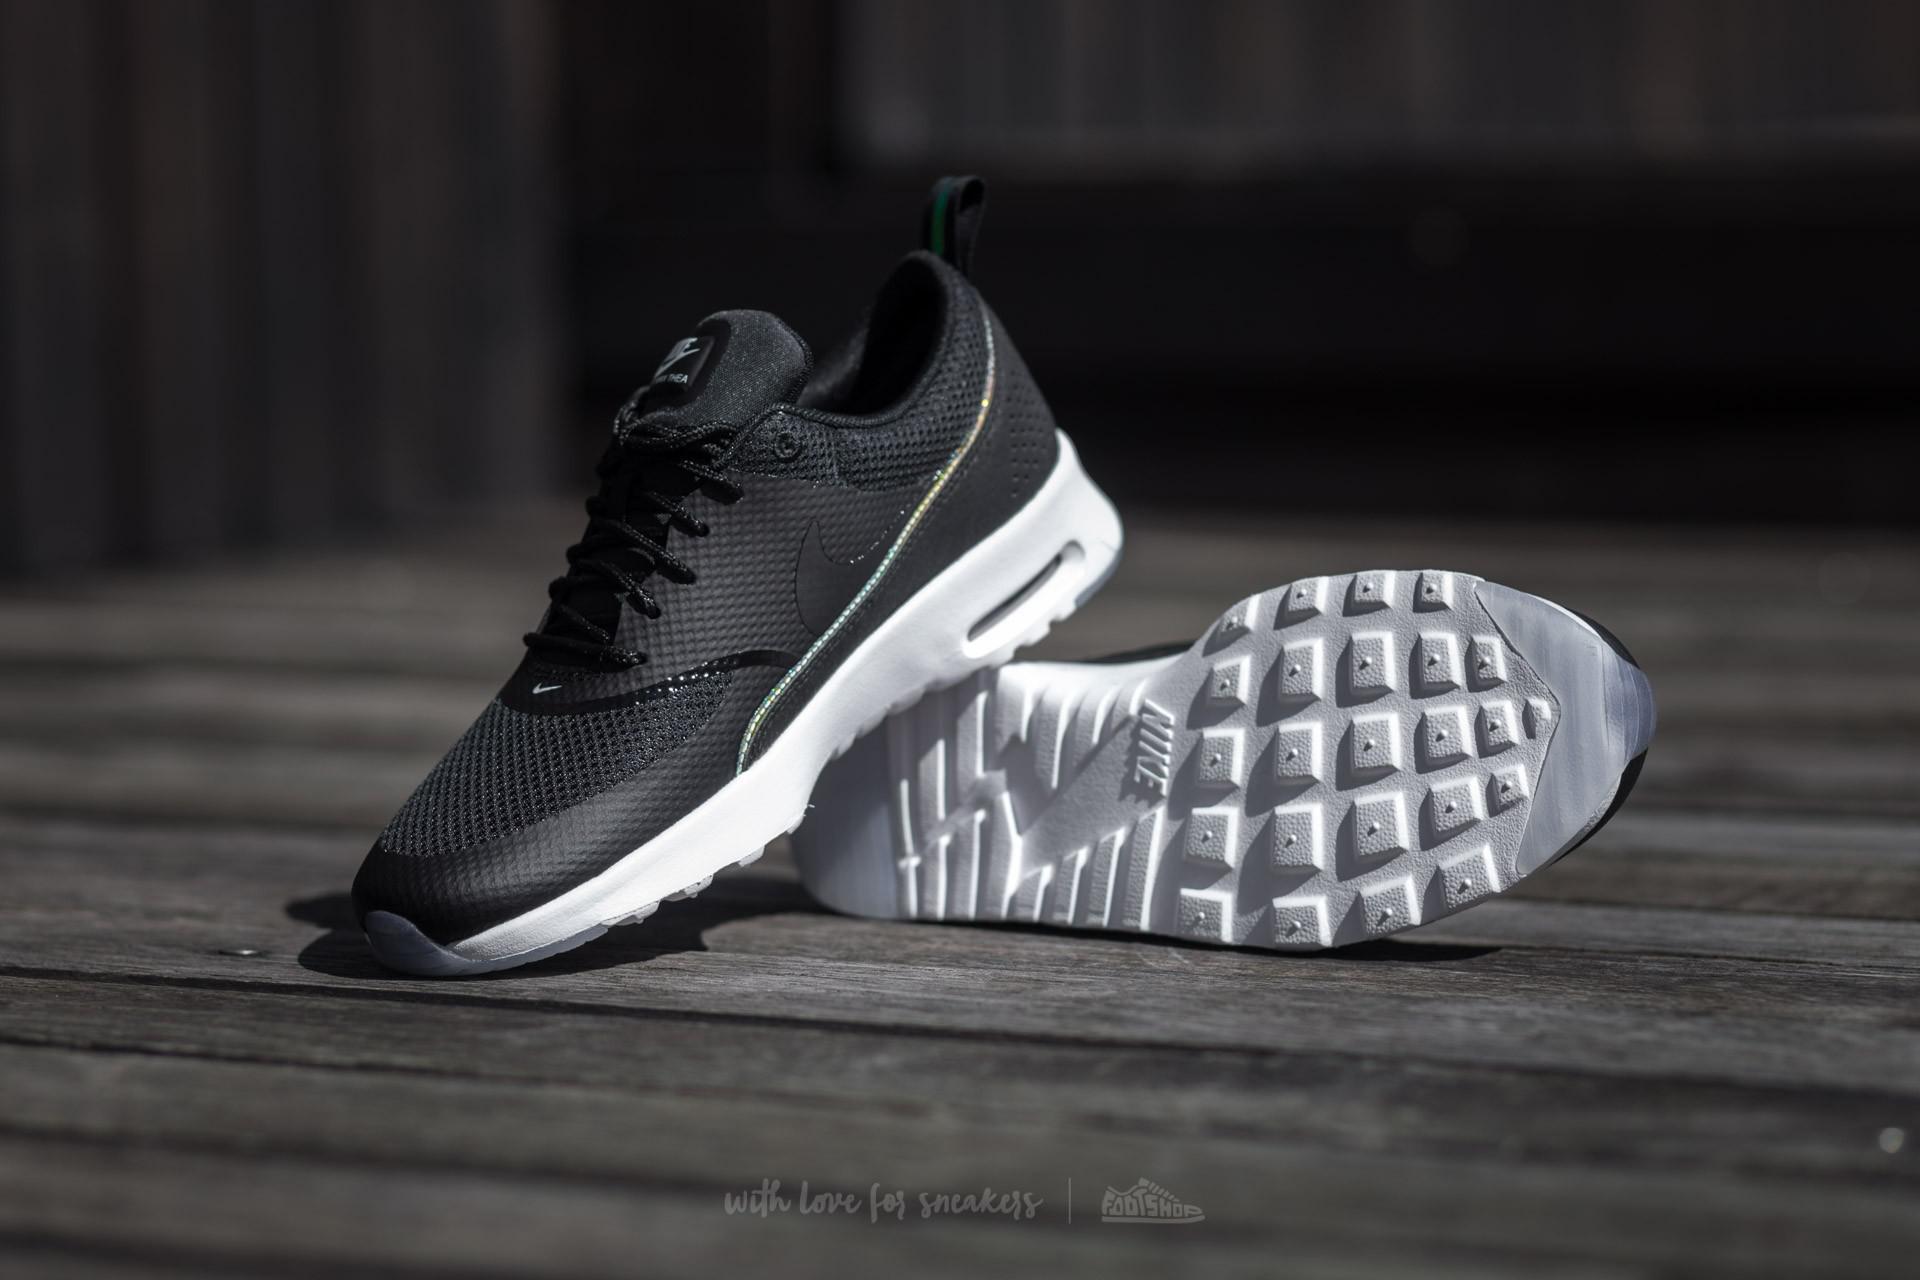 Nike Wmns Air Max Thea Premium Black Black Blue Tint